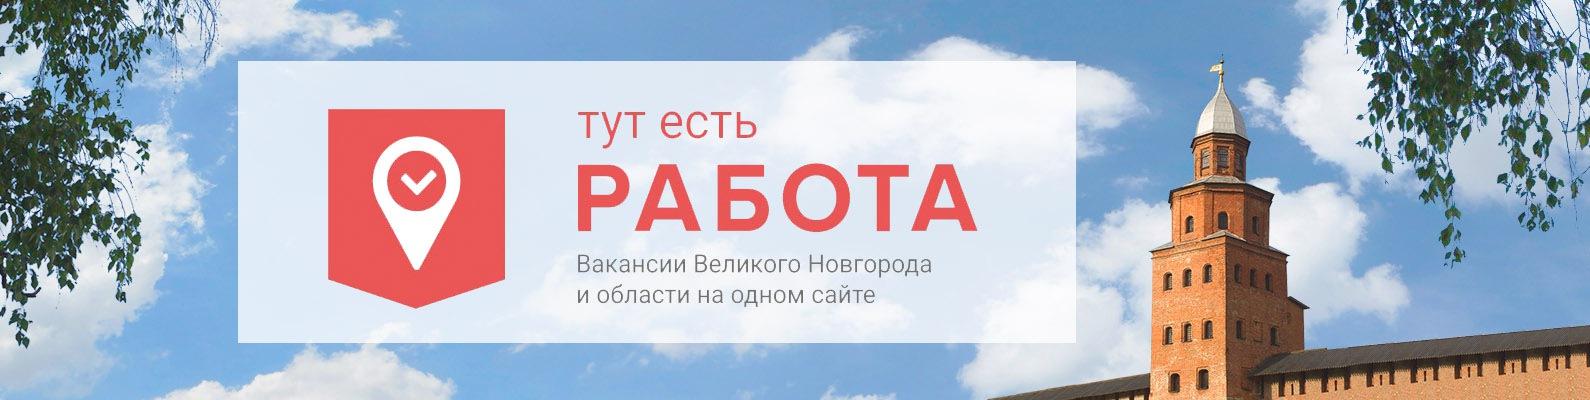 Медицинская книжка сделать в великом новгороде возмещение затрат по регистрации граждан